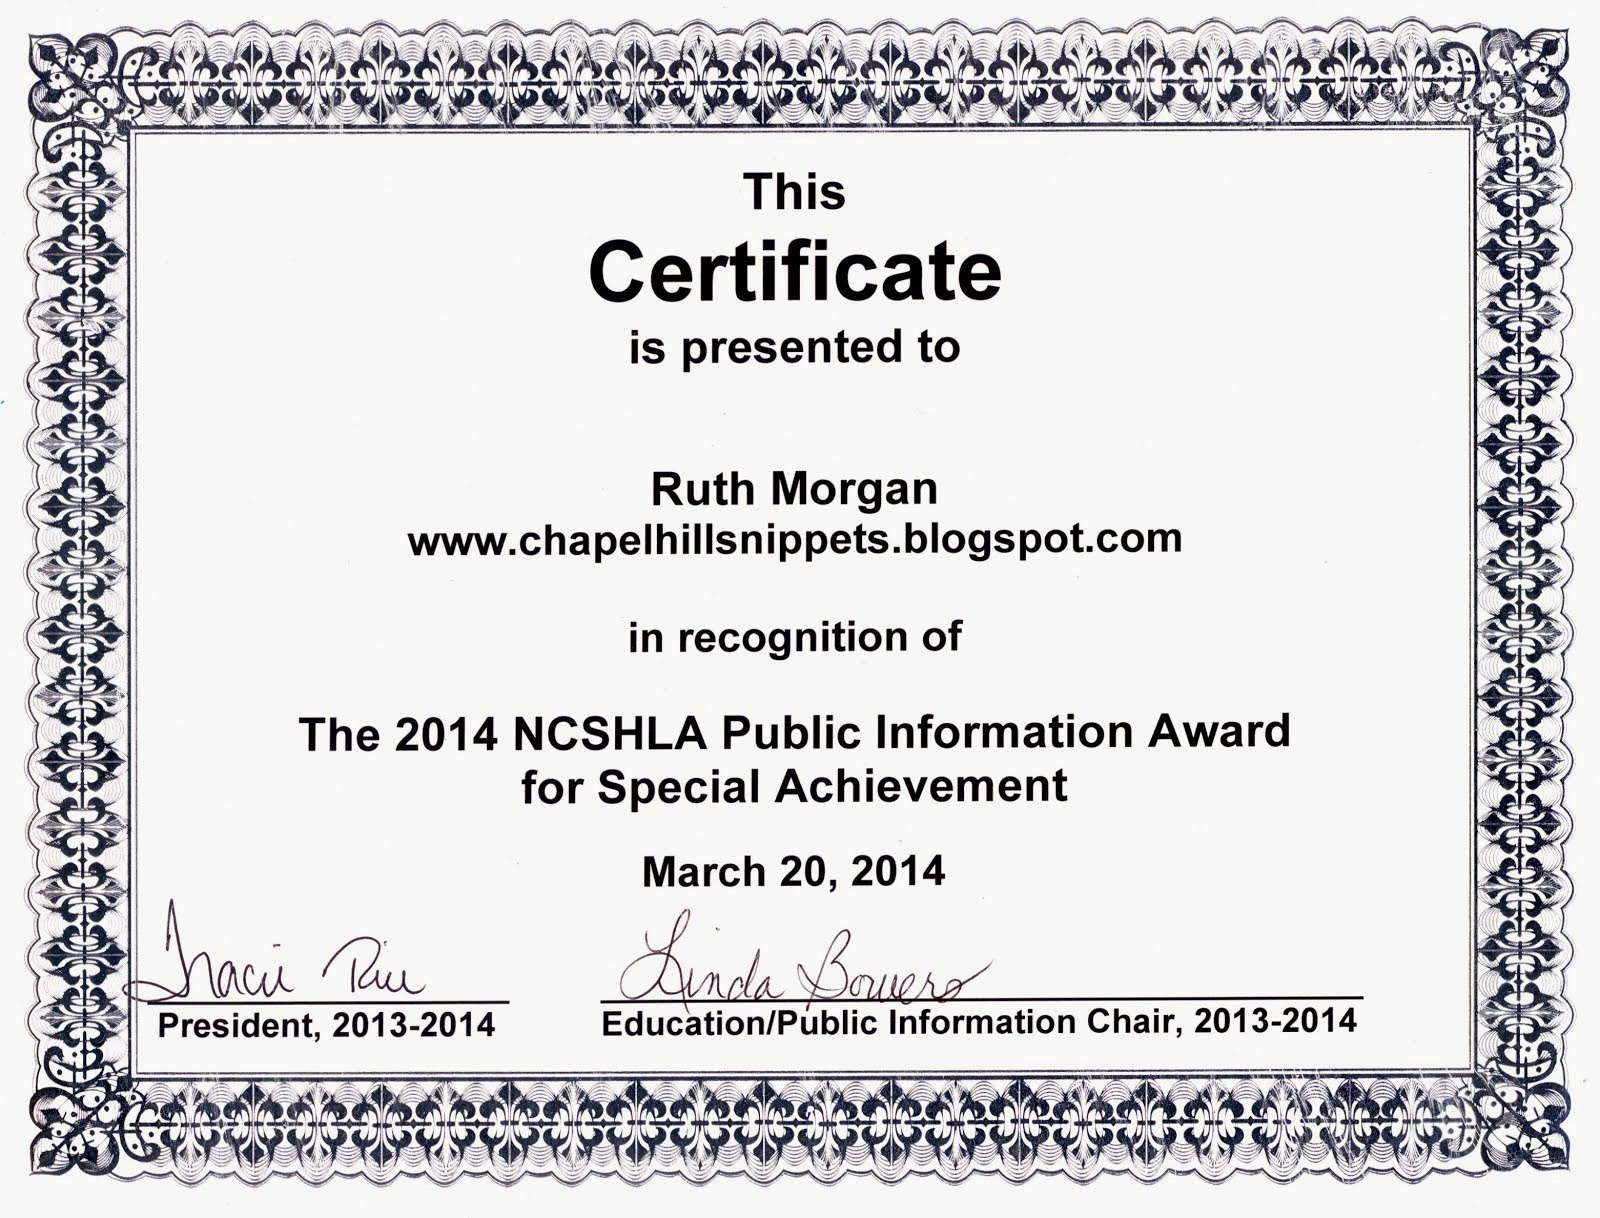 NCSHLA Award